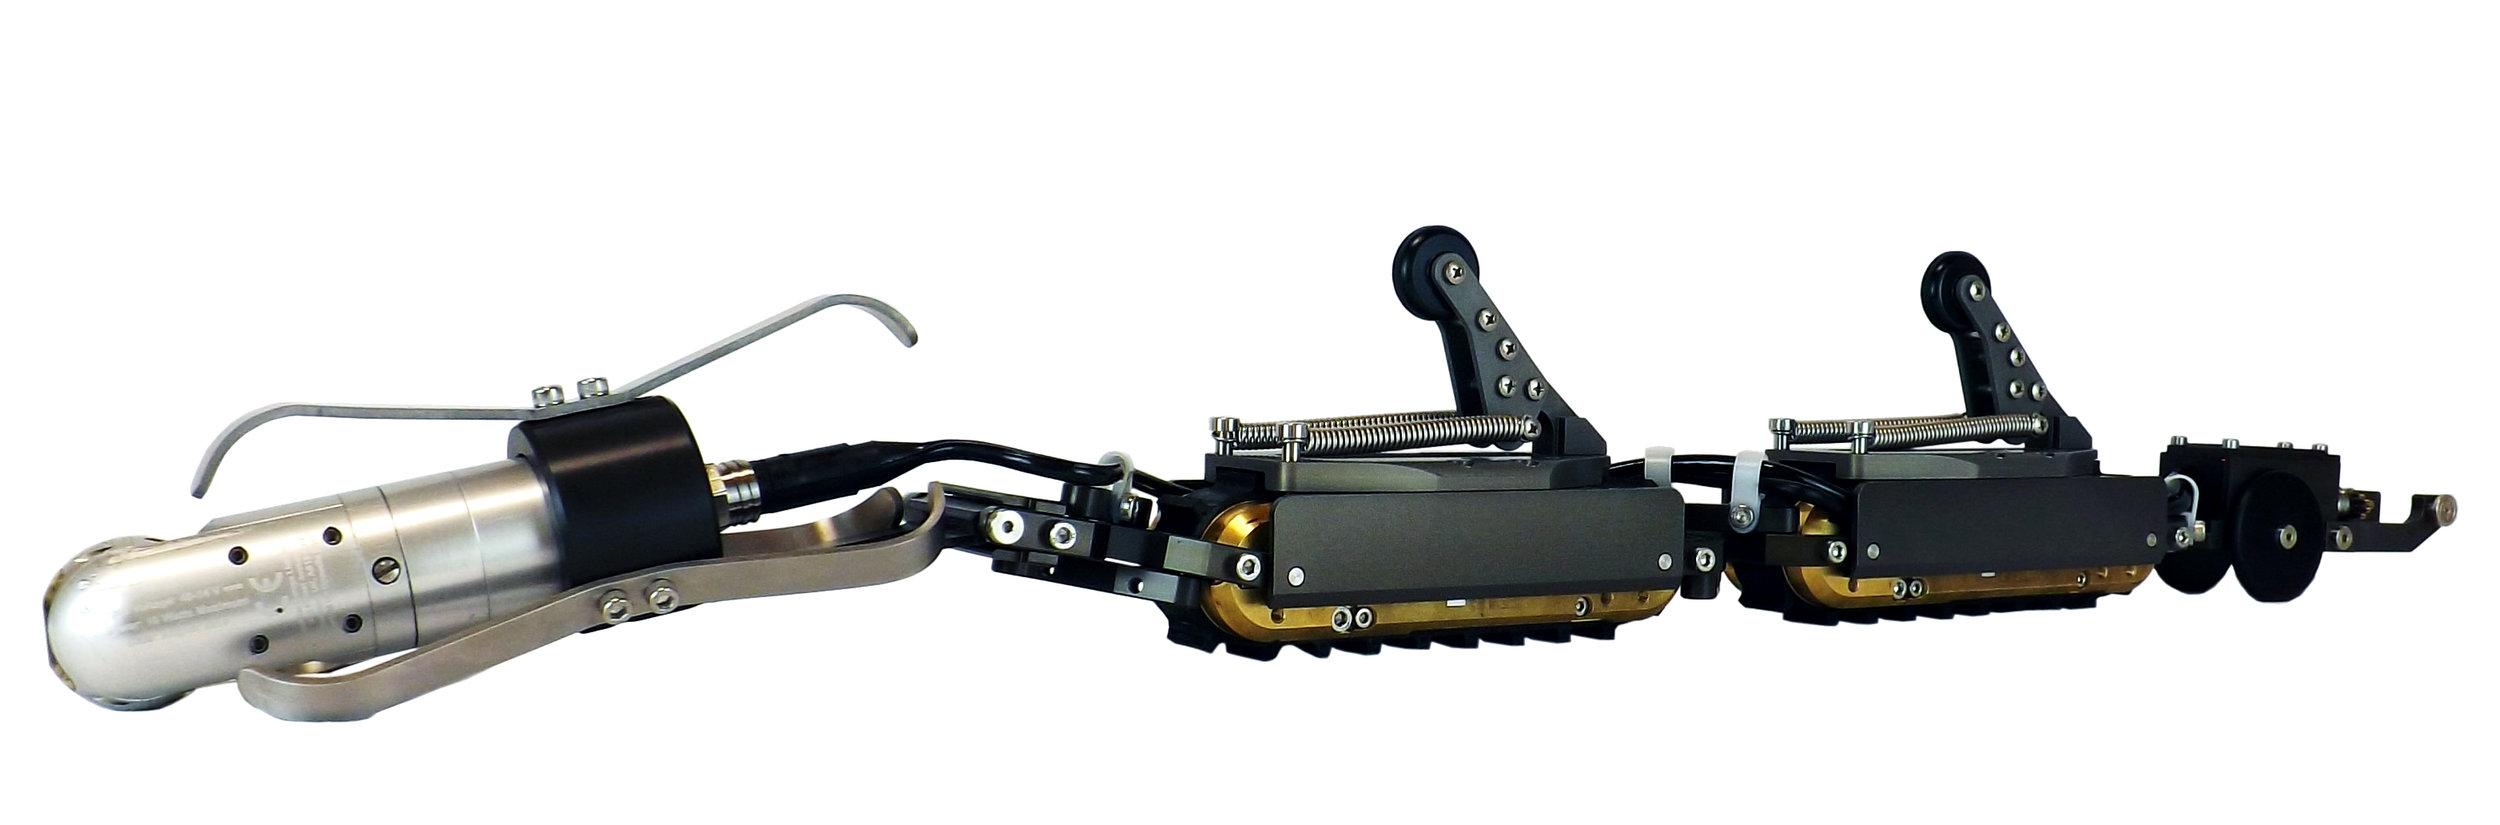 Versatrax 100™ Mark II Inline Vehicle